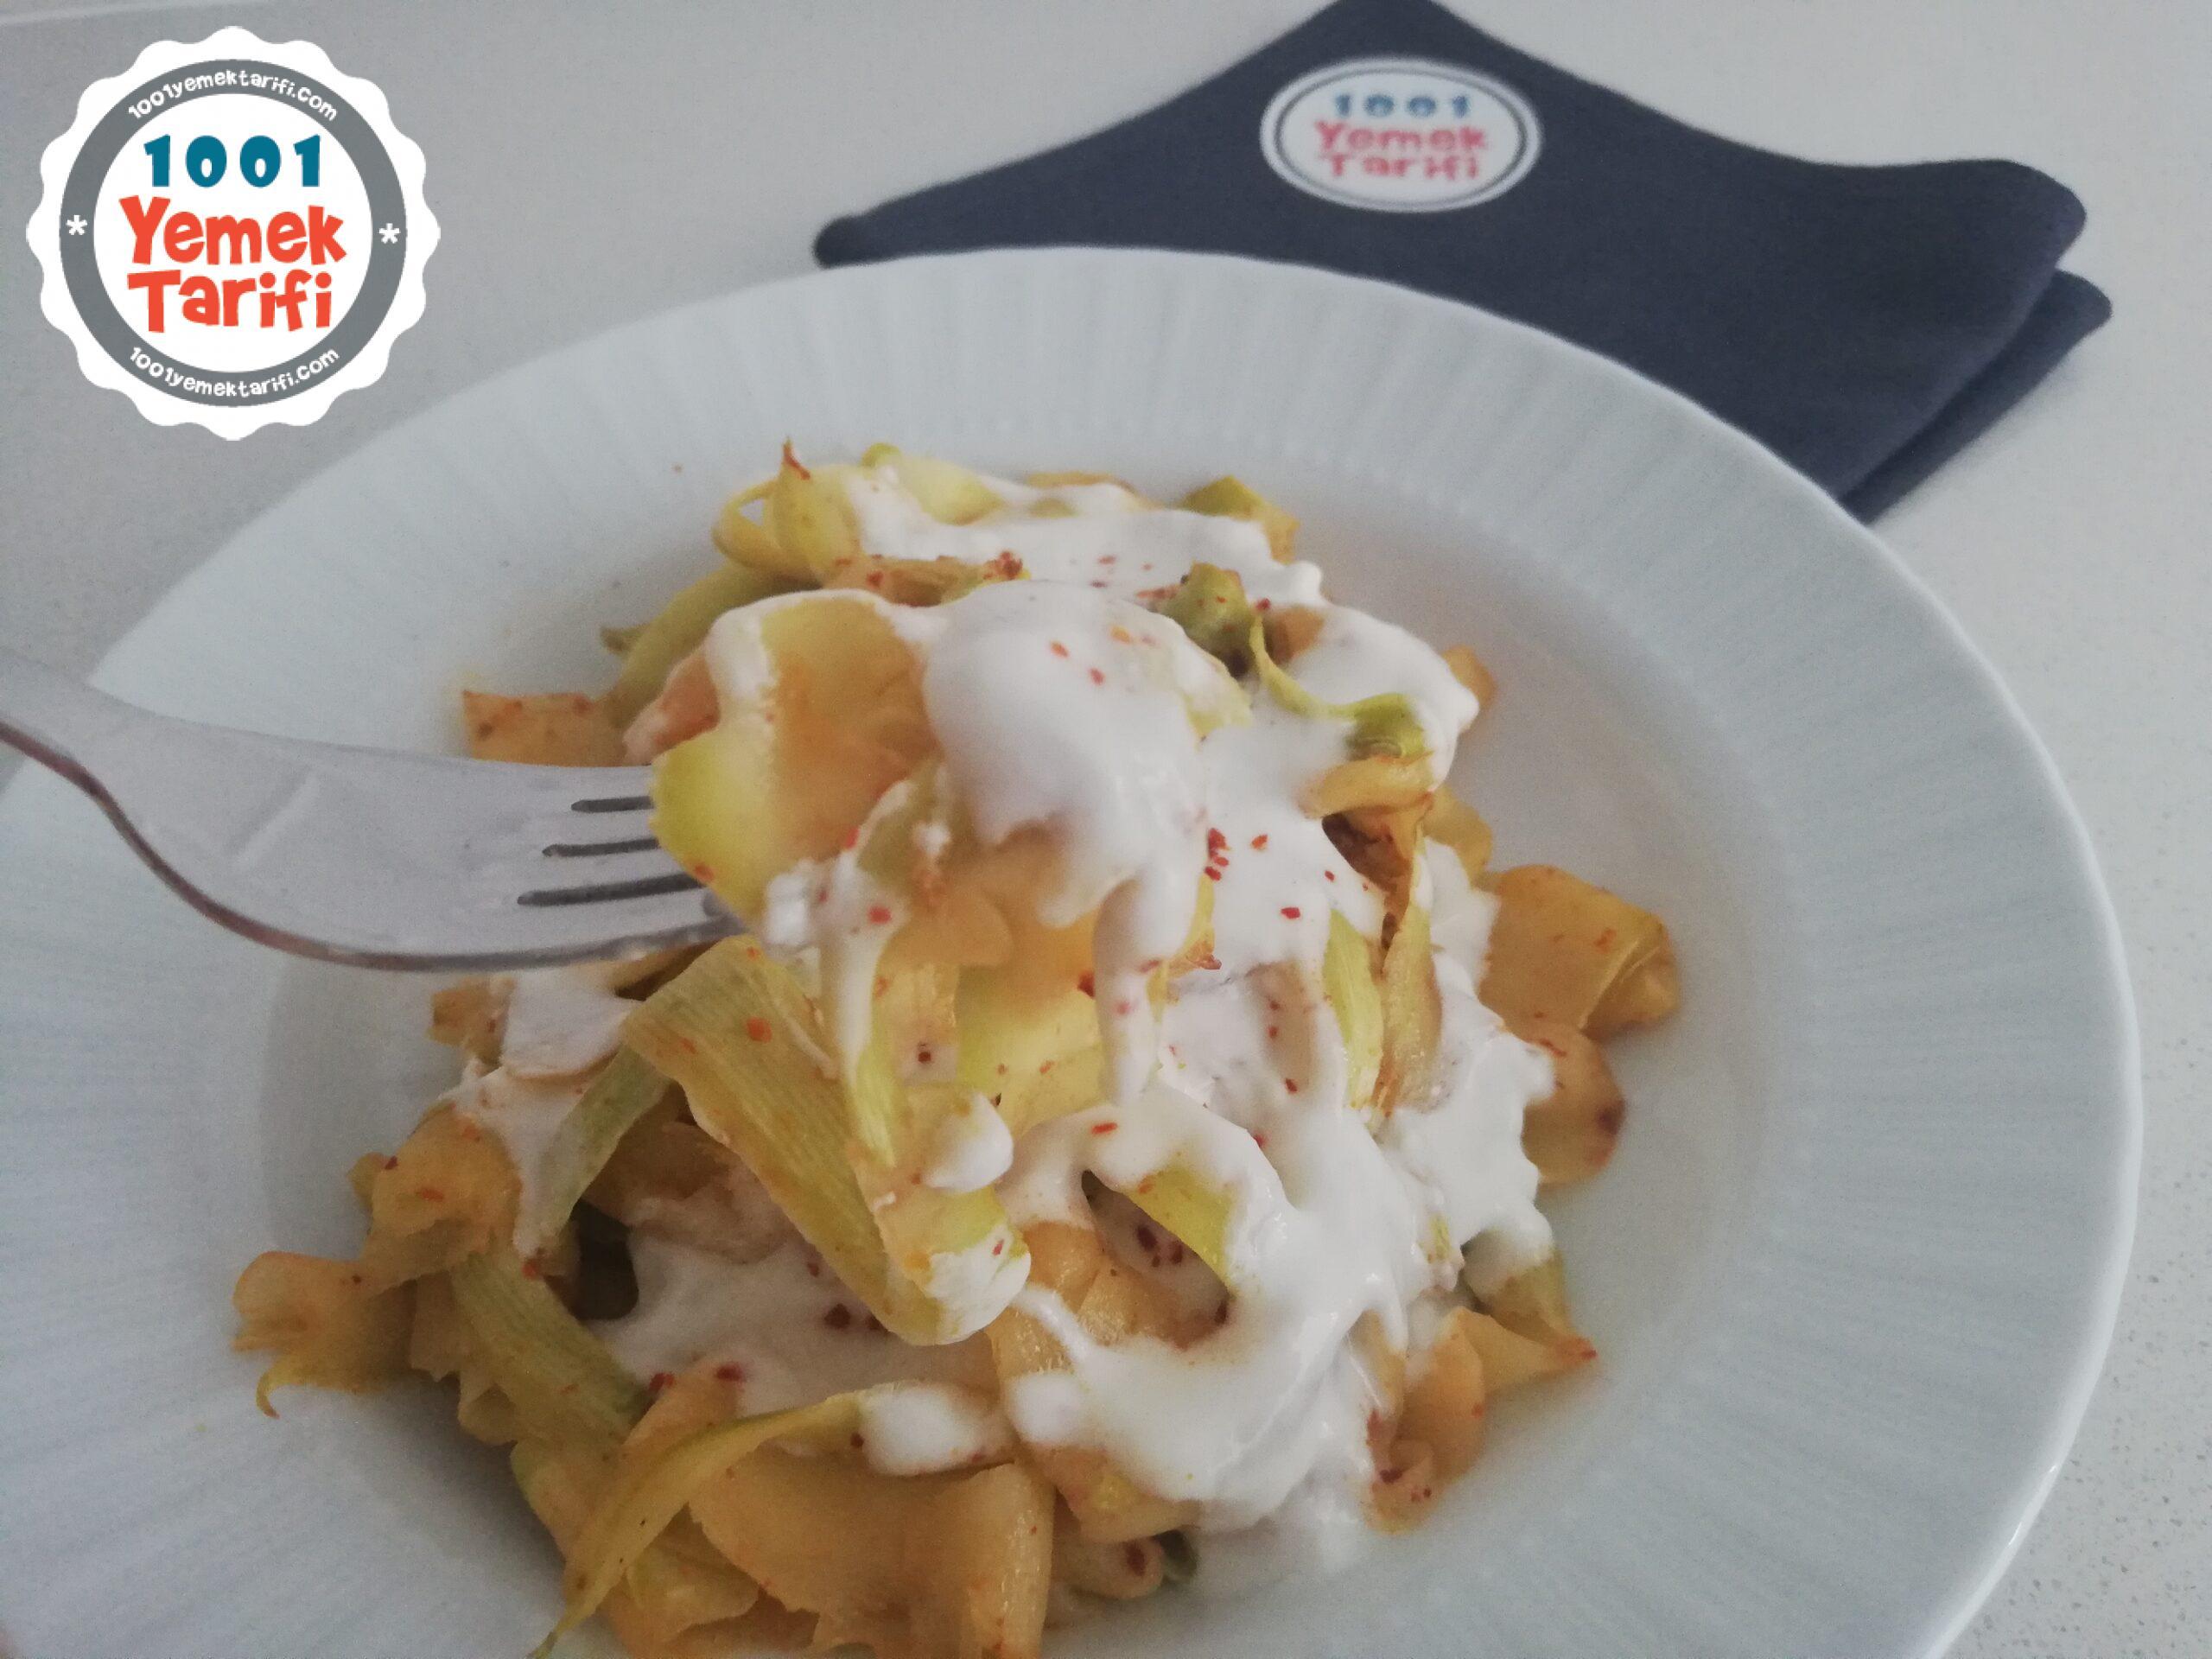 Yoğurtlu Kabak Spagetti Tarifi nasıl yapılır-diyet yemekler-kaç kalori